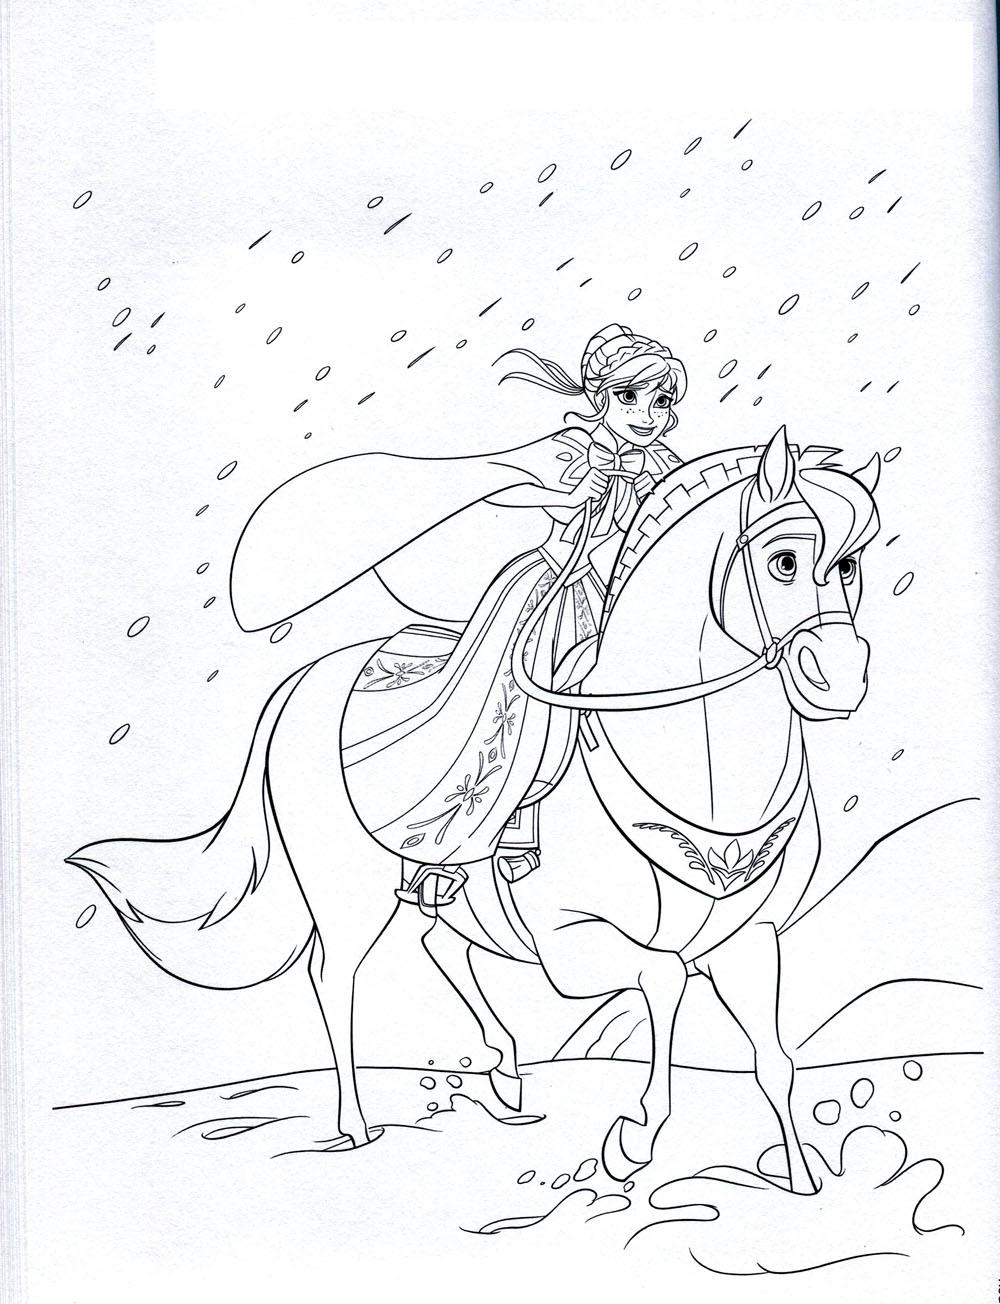 La Reine Des Neiges Disney 8 - Coloriage La Reine Des intérieur Dessin À Imprimer La Reine Des Neiges